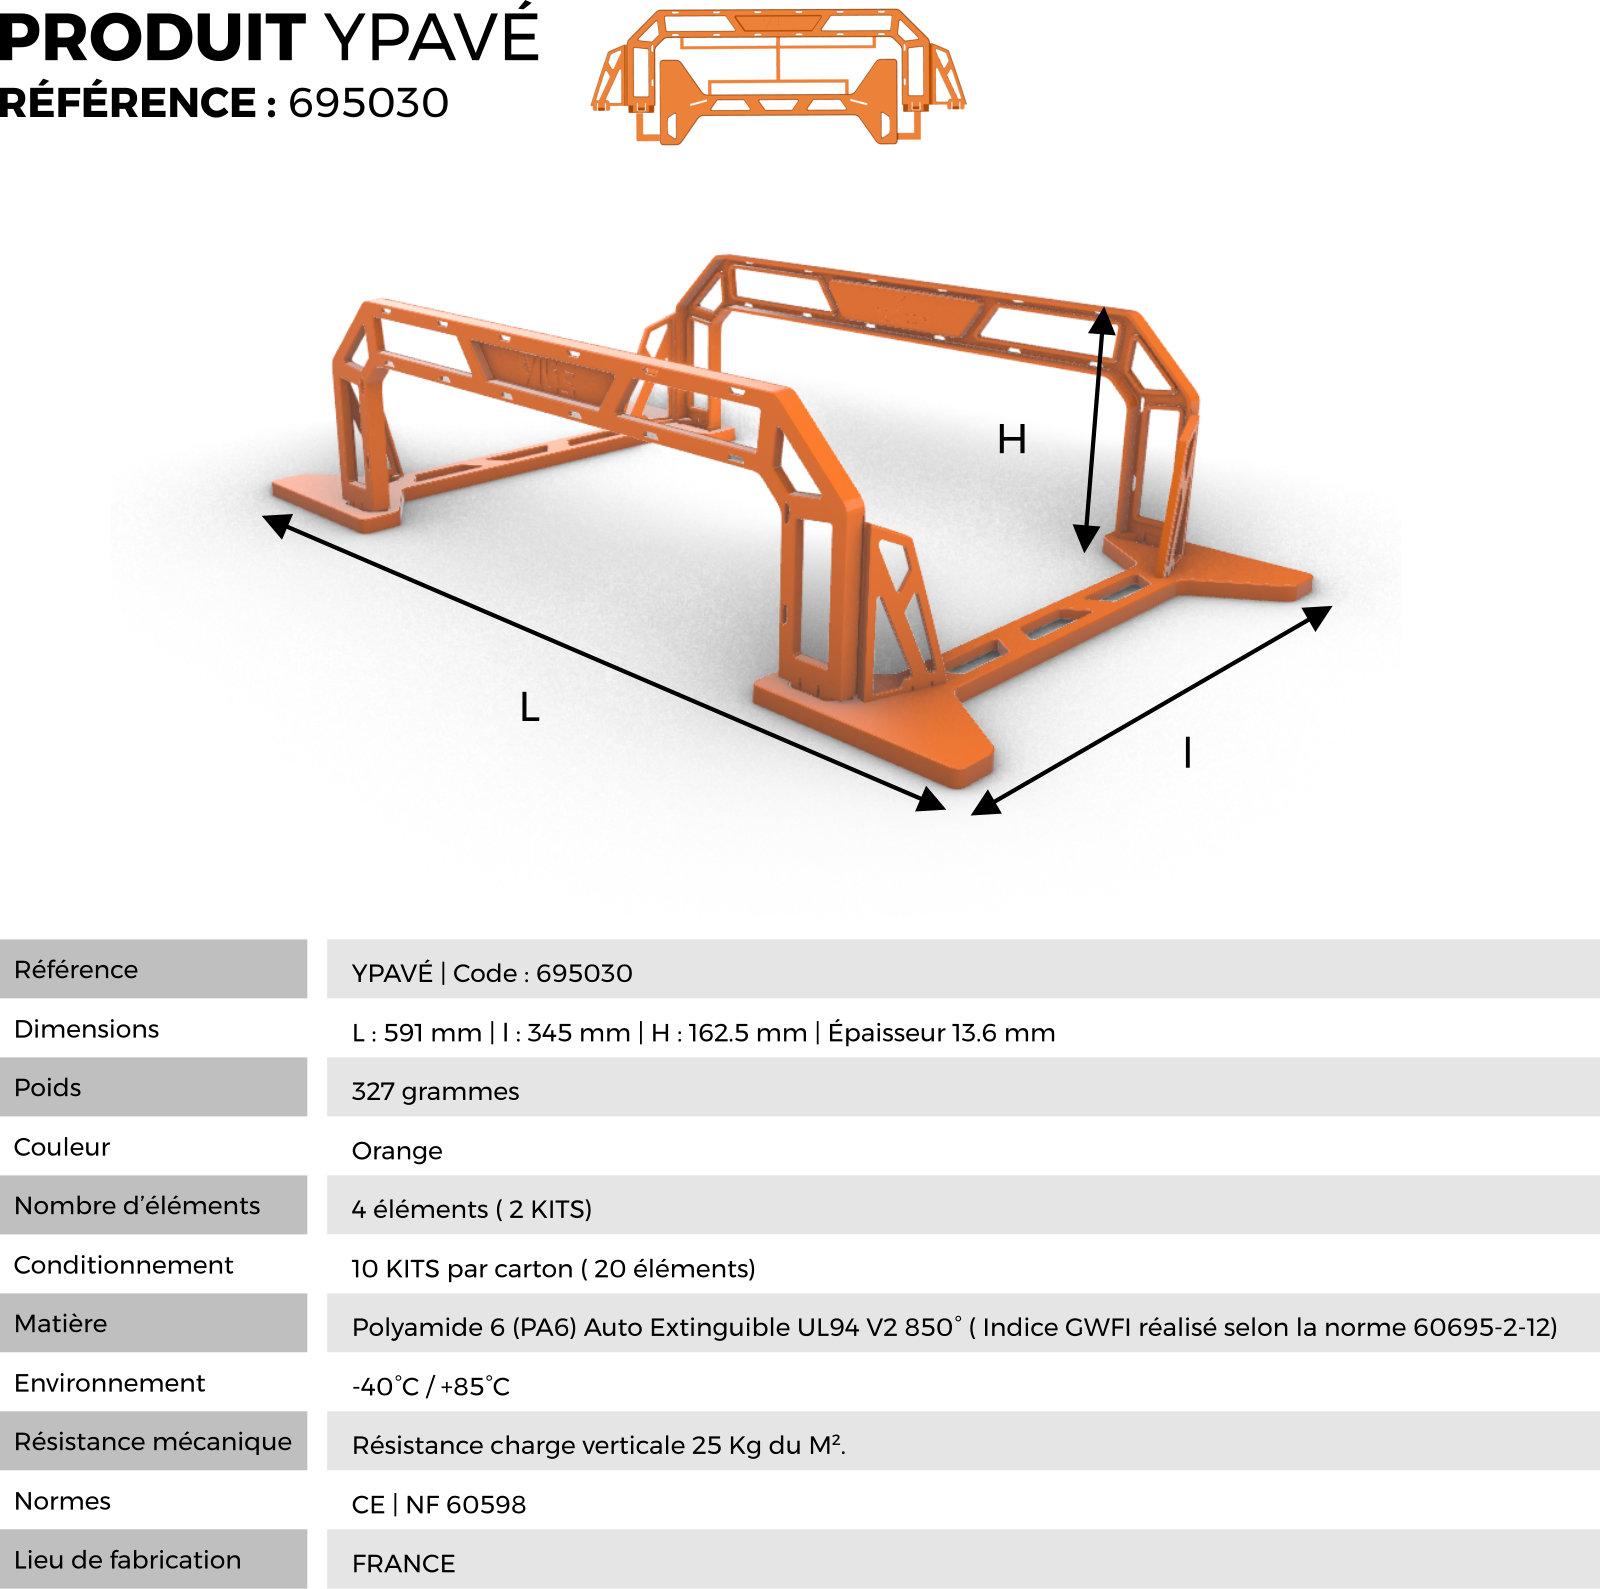 Fiche technique produit YPAVÉ Gamme YLIS Y600 code 695030